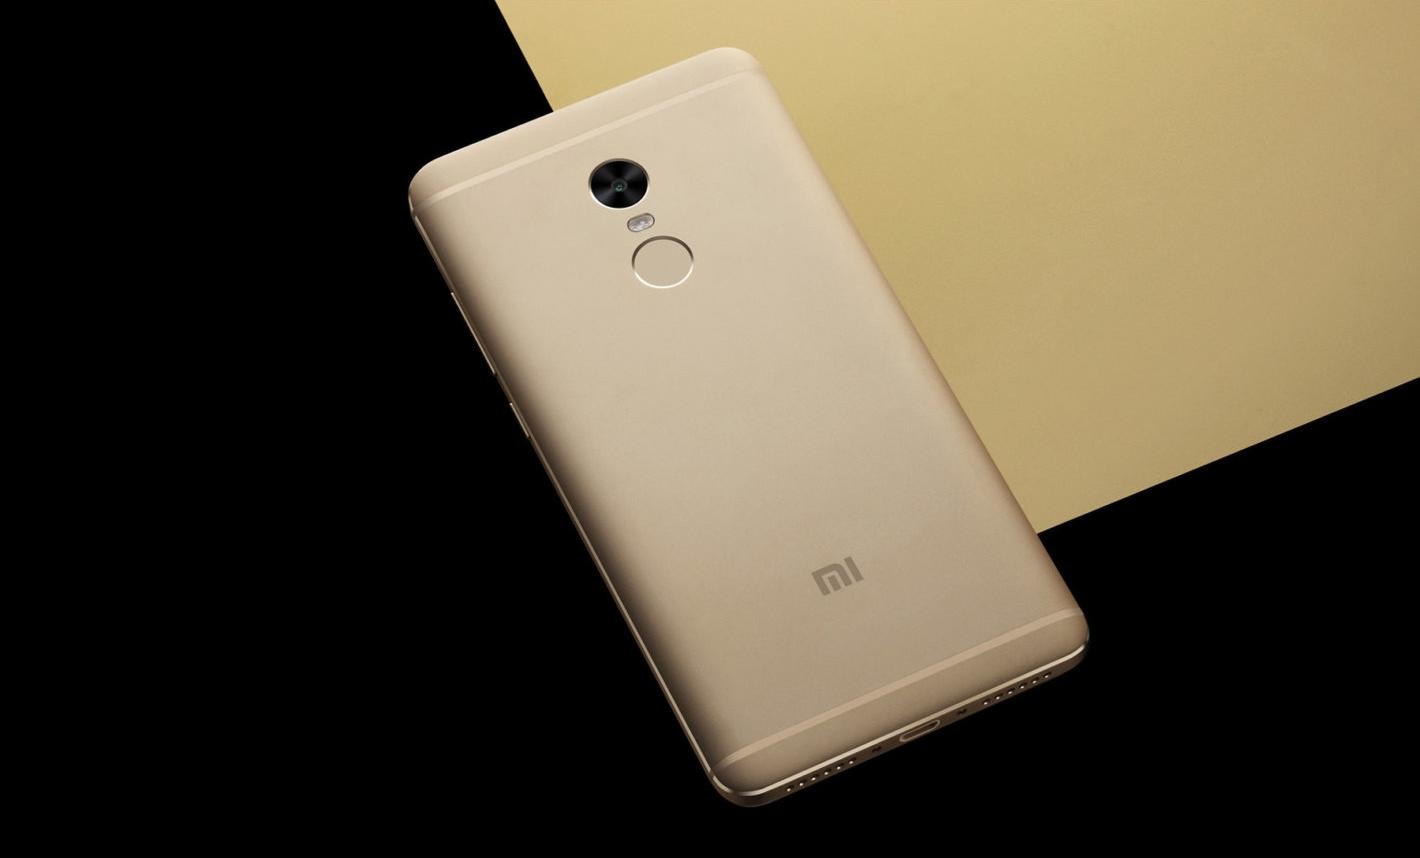 Xiaomi-Redmi-Note-4-GB-02-1420x889